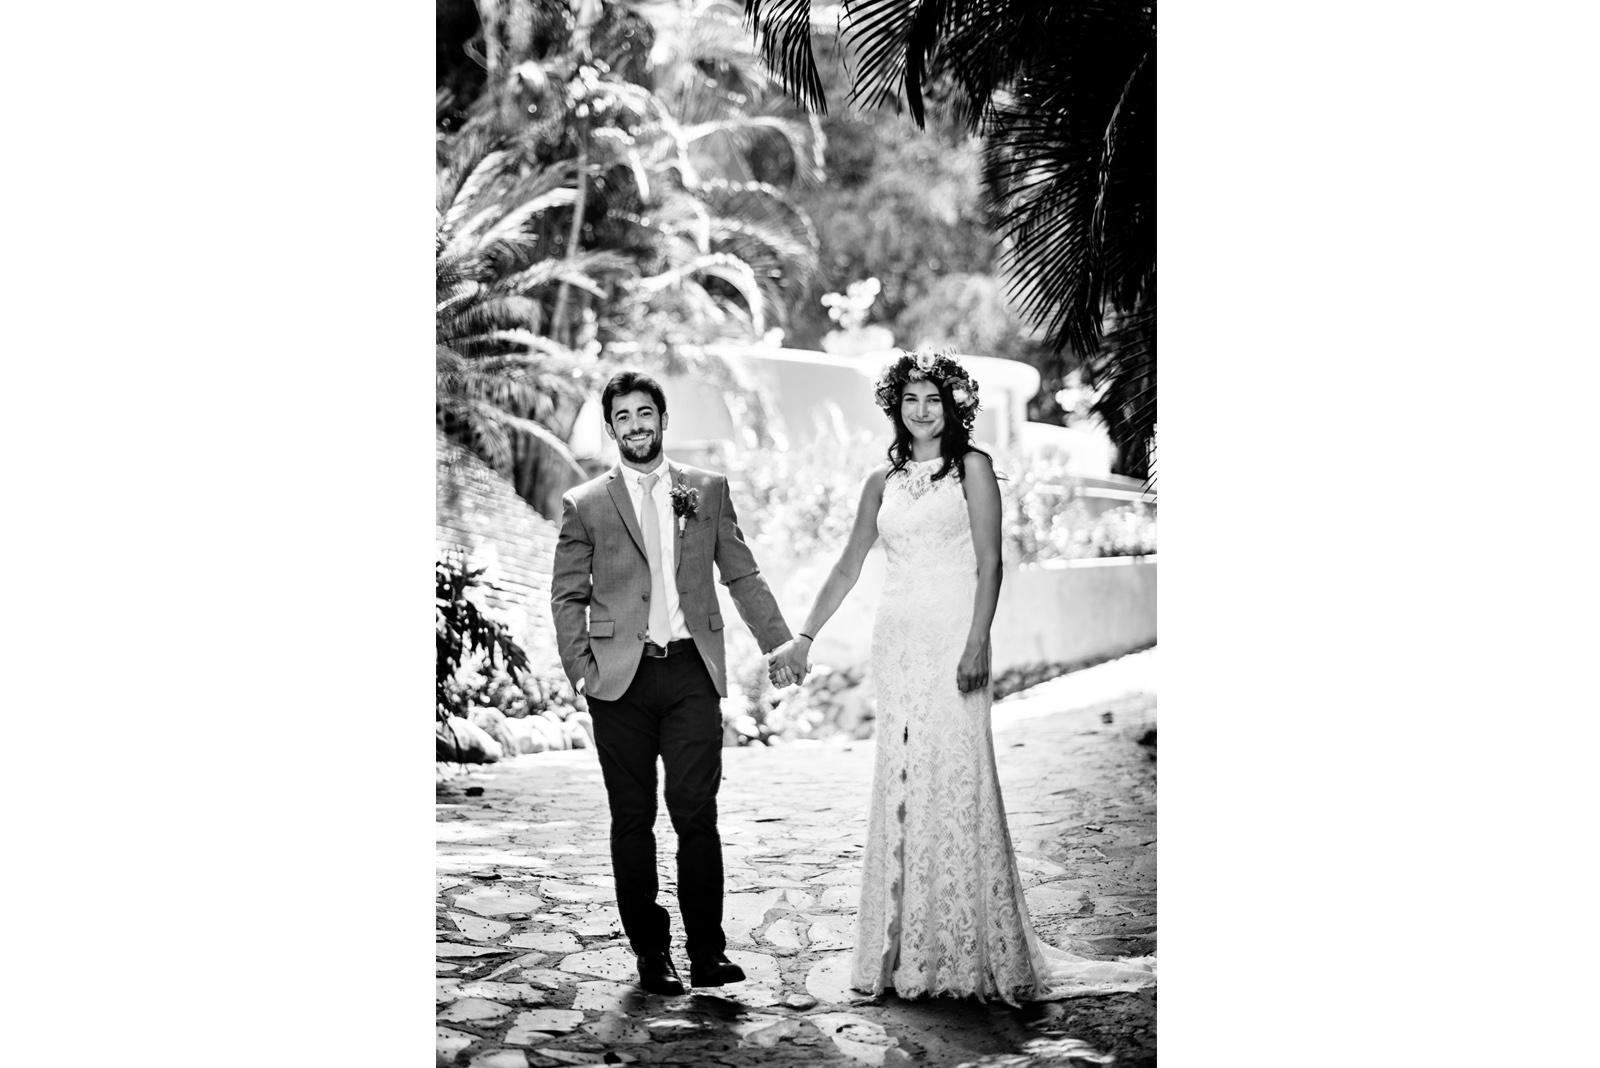 Villa-amor-sayulita-destination-wedding-mexico-013a